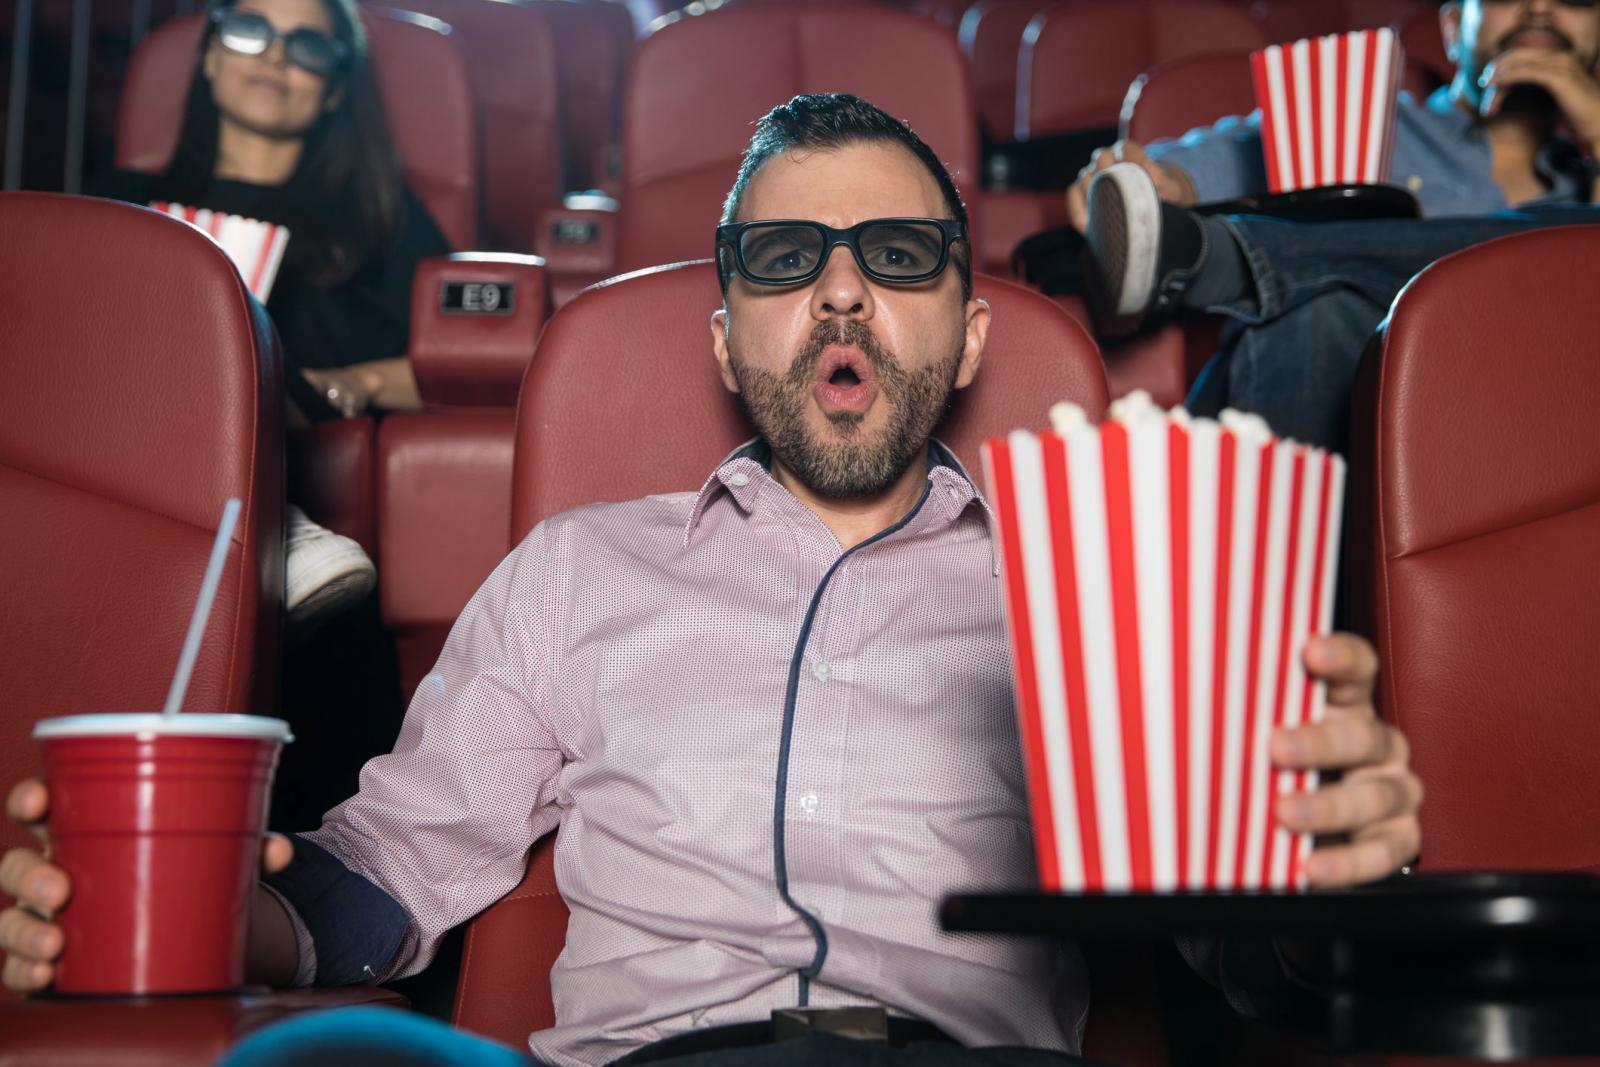 Брянские антимонопольщики заподозрили кинотеатры в сговоре